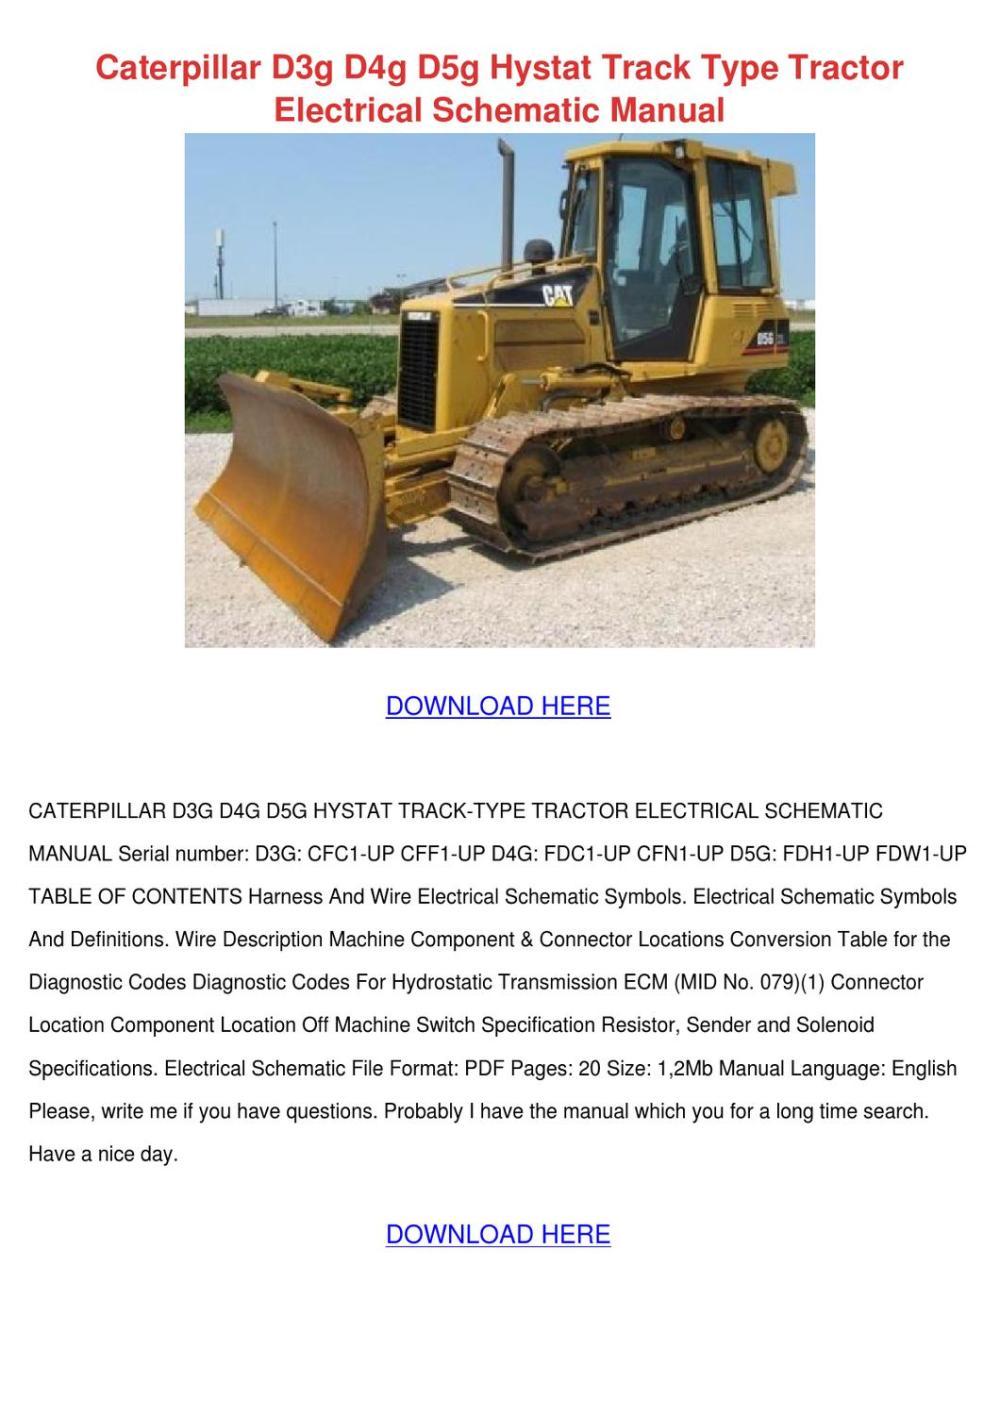 medium resolution of caterpillar d3g d4g d5g hystat track type tra by ulyssessosa issuu